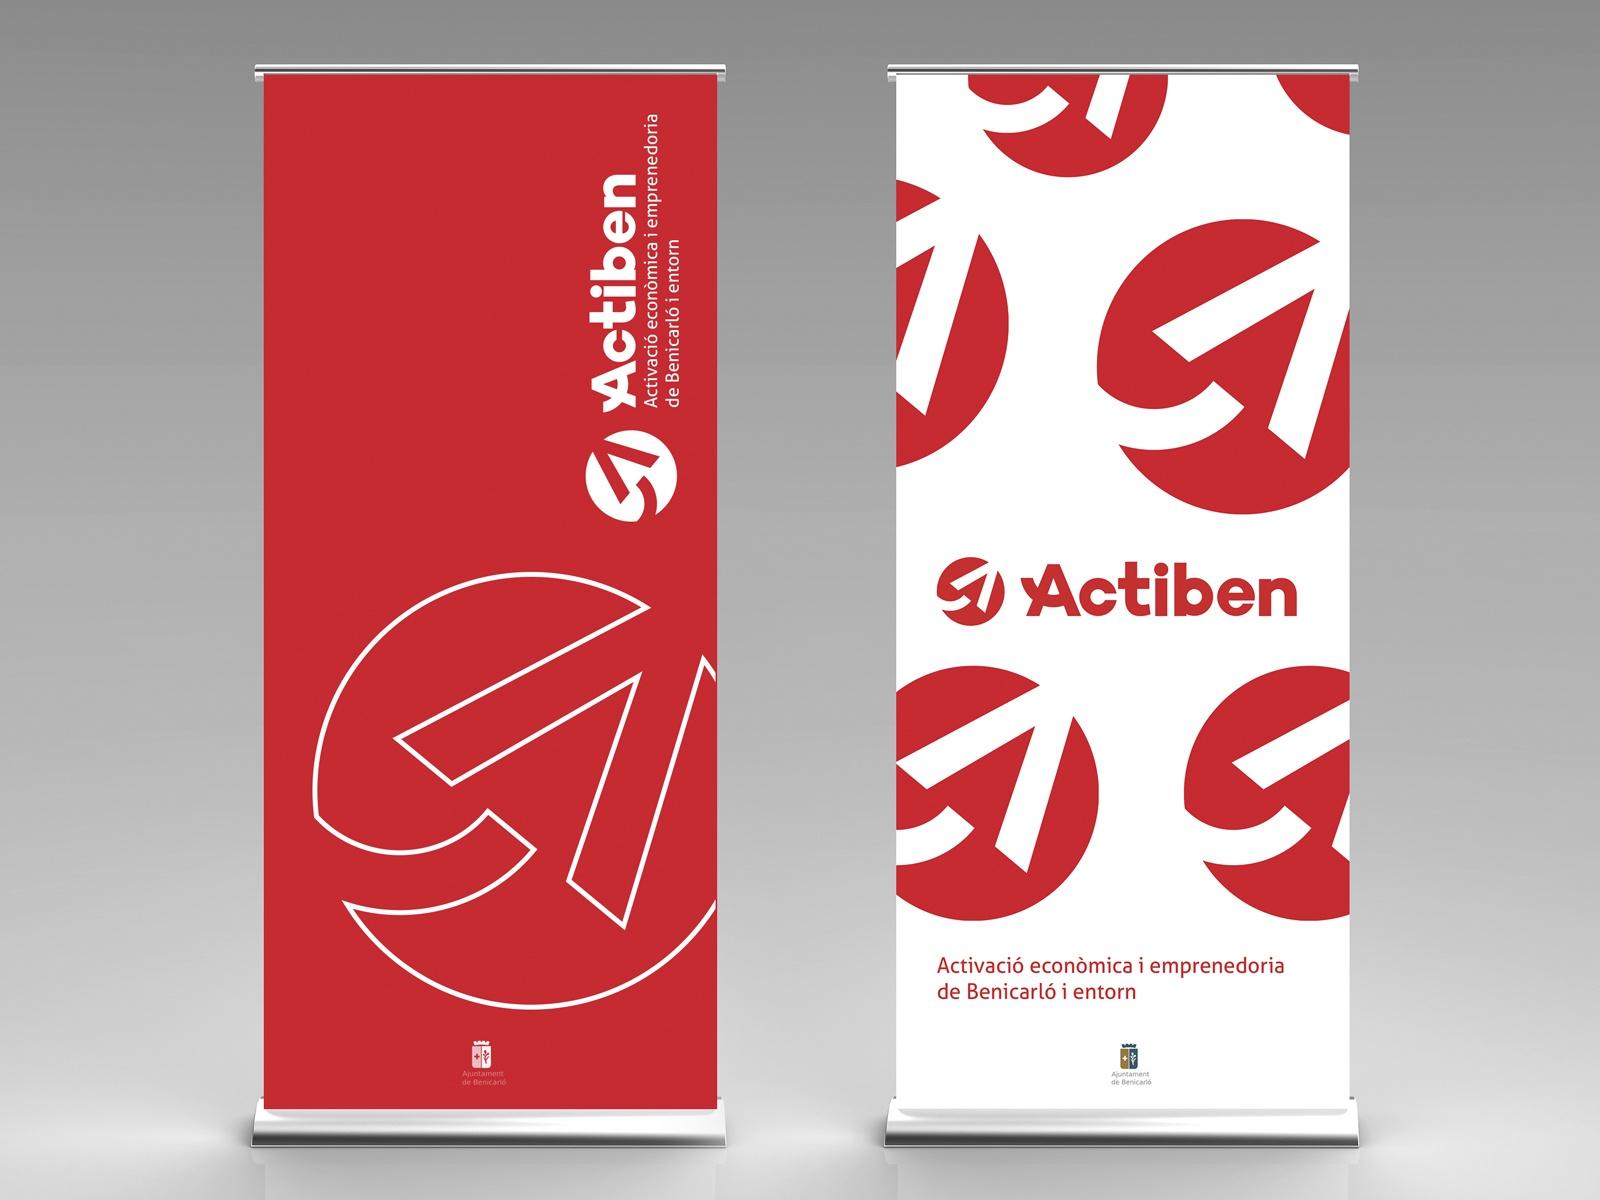 Actiben Logotipo & Identidad Corporativa, Diseño de Roll up